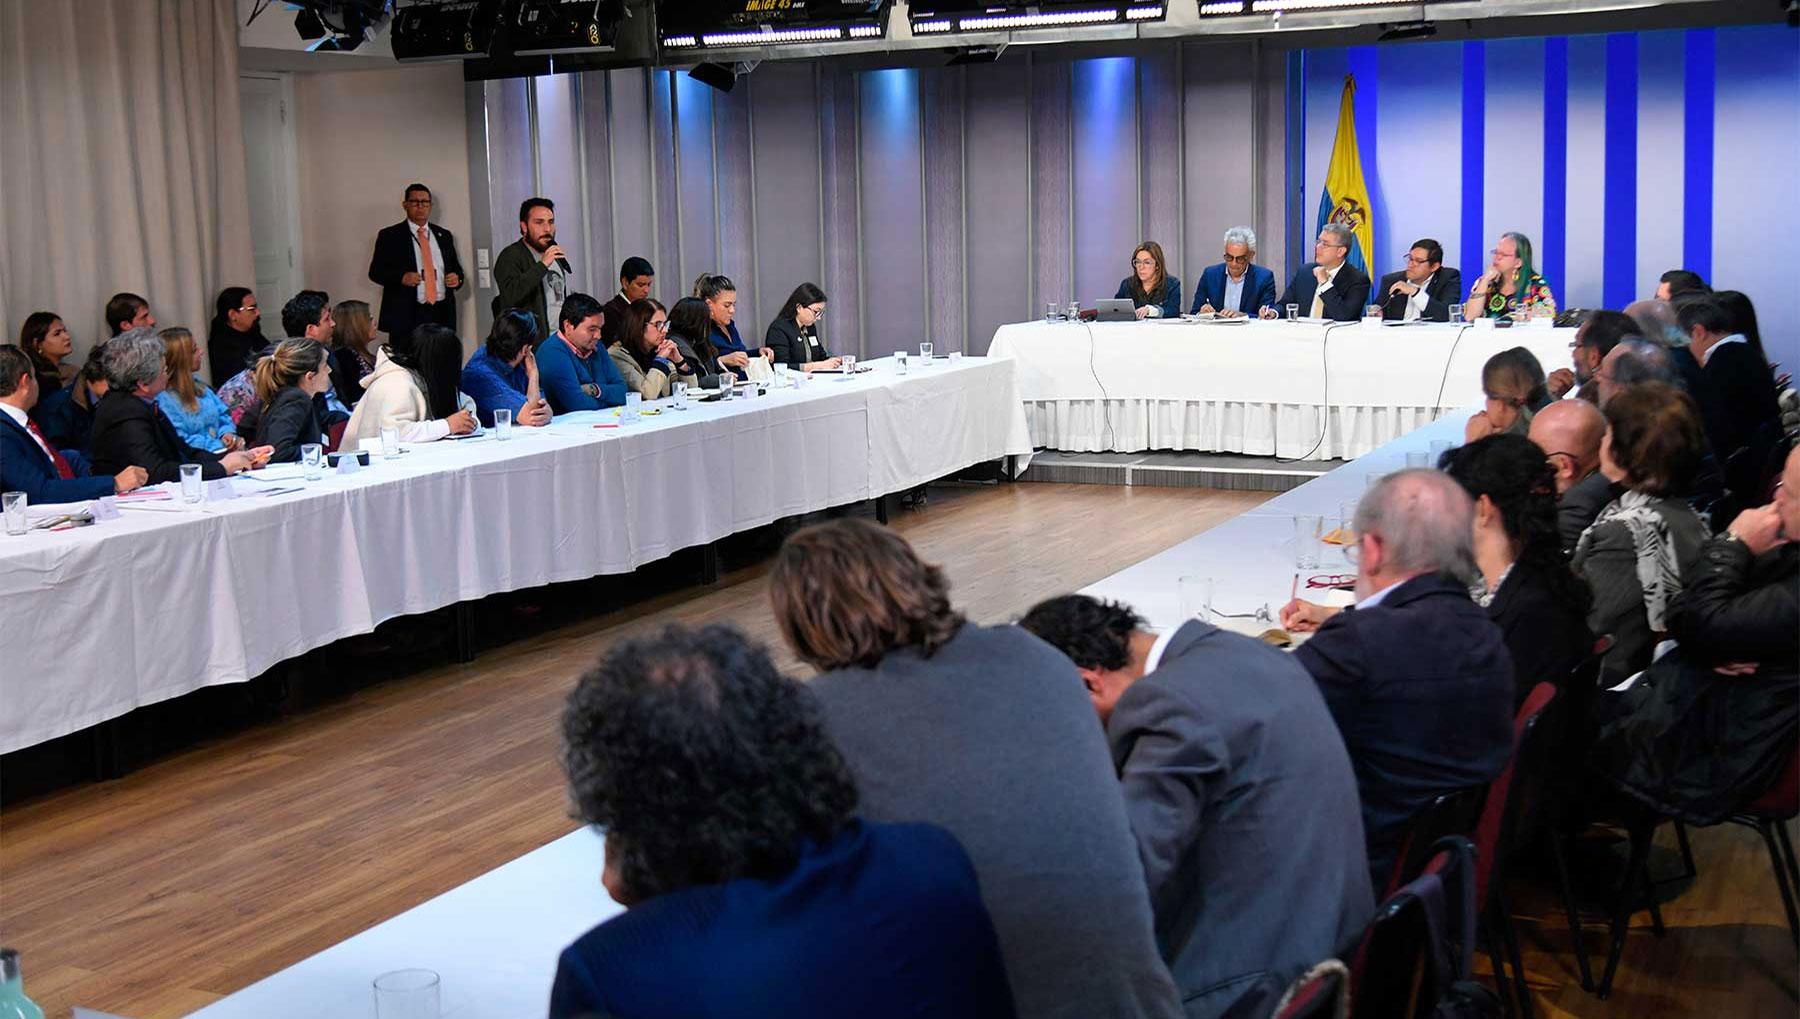 Gobierno aceptó diálogo directo con líderes de protestas sociales